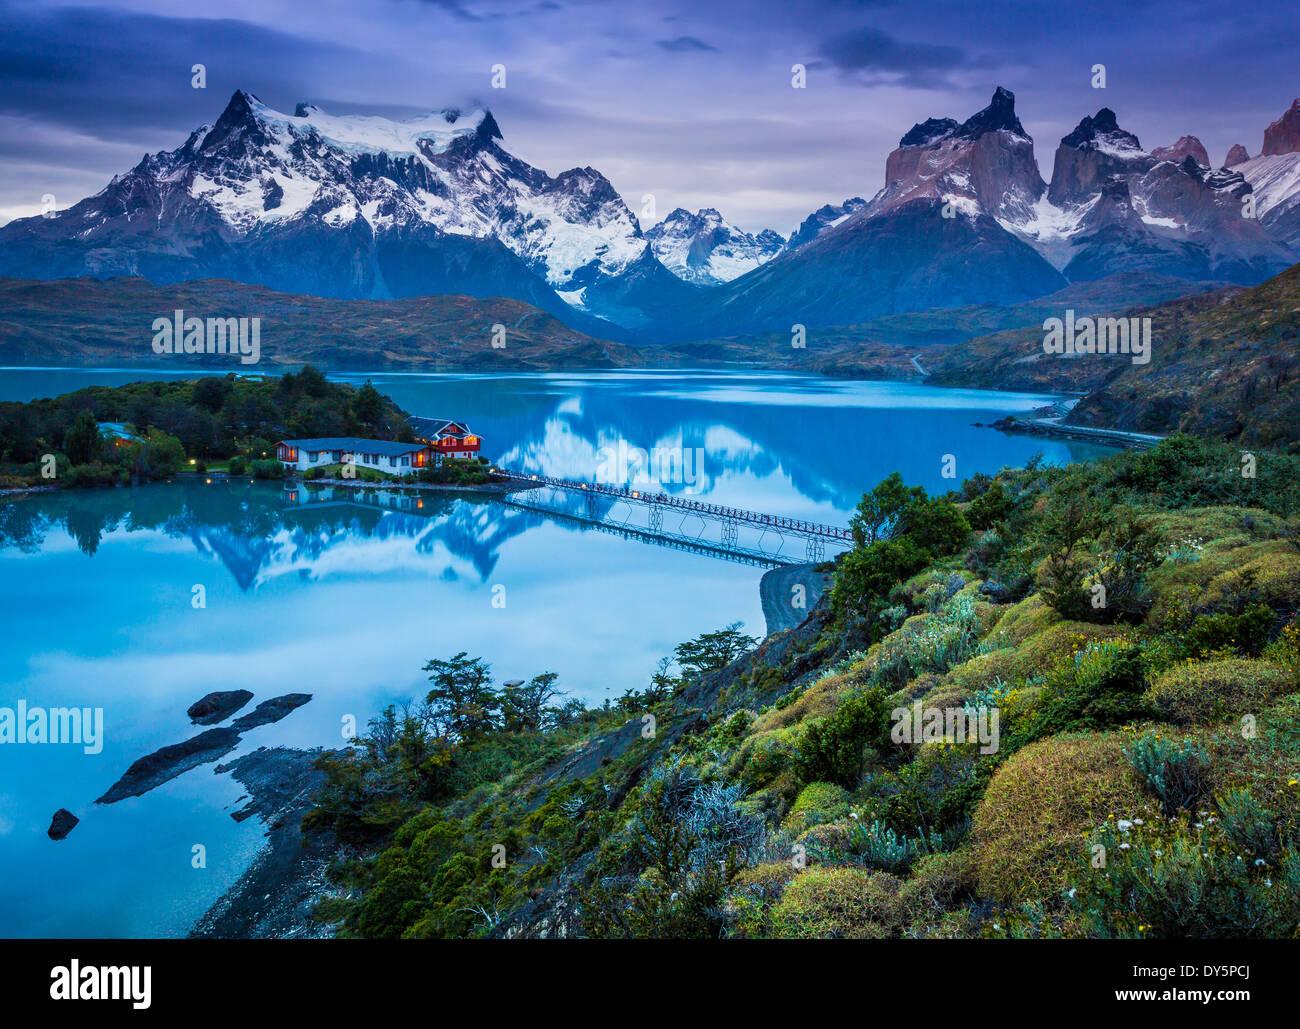 Lago Pehoé en el Parque Nacional Torres del Paine, parte de la Patagonia Chilena Imagen De Stock